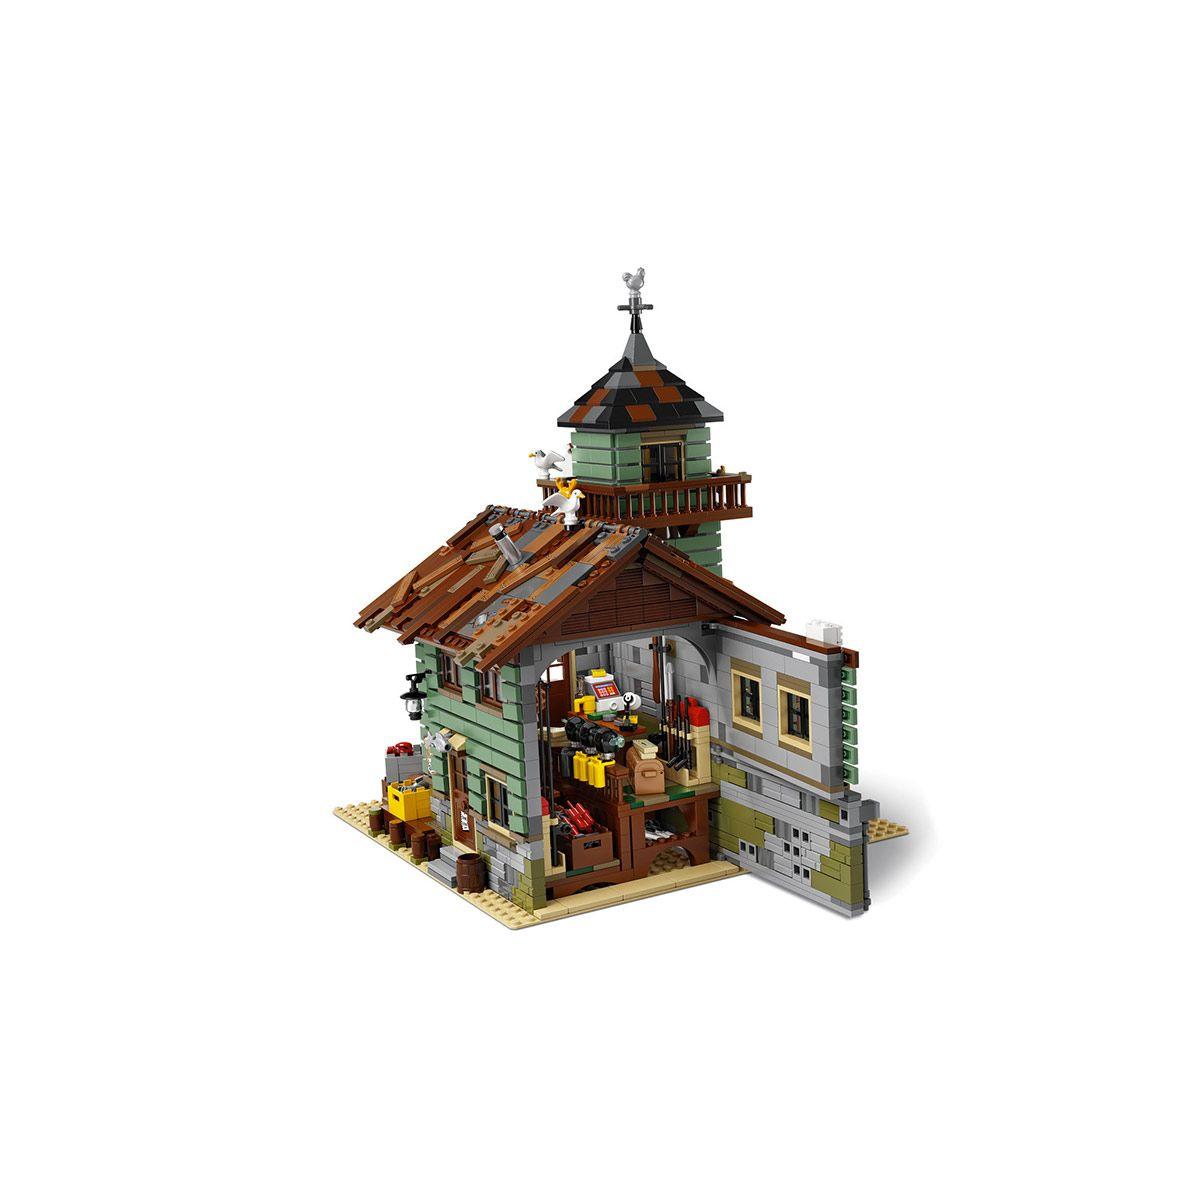 Pêche Lego Jeux De Vieux Le En 21310 Ideas Magasin Construction 0ONnwvmPy8